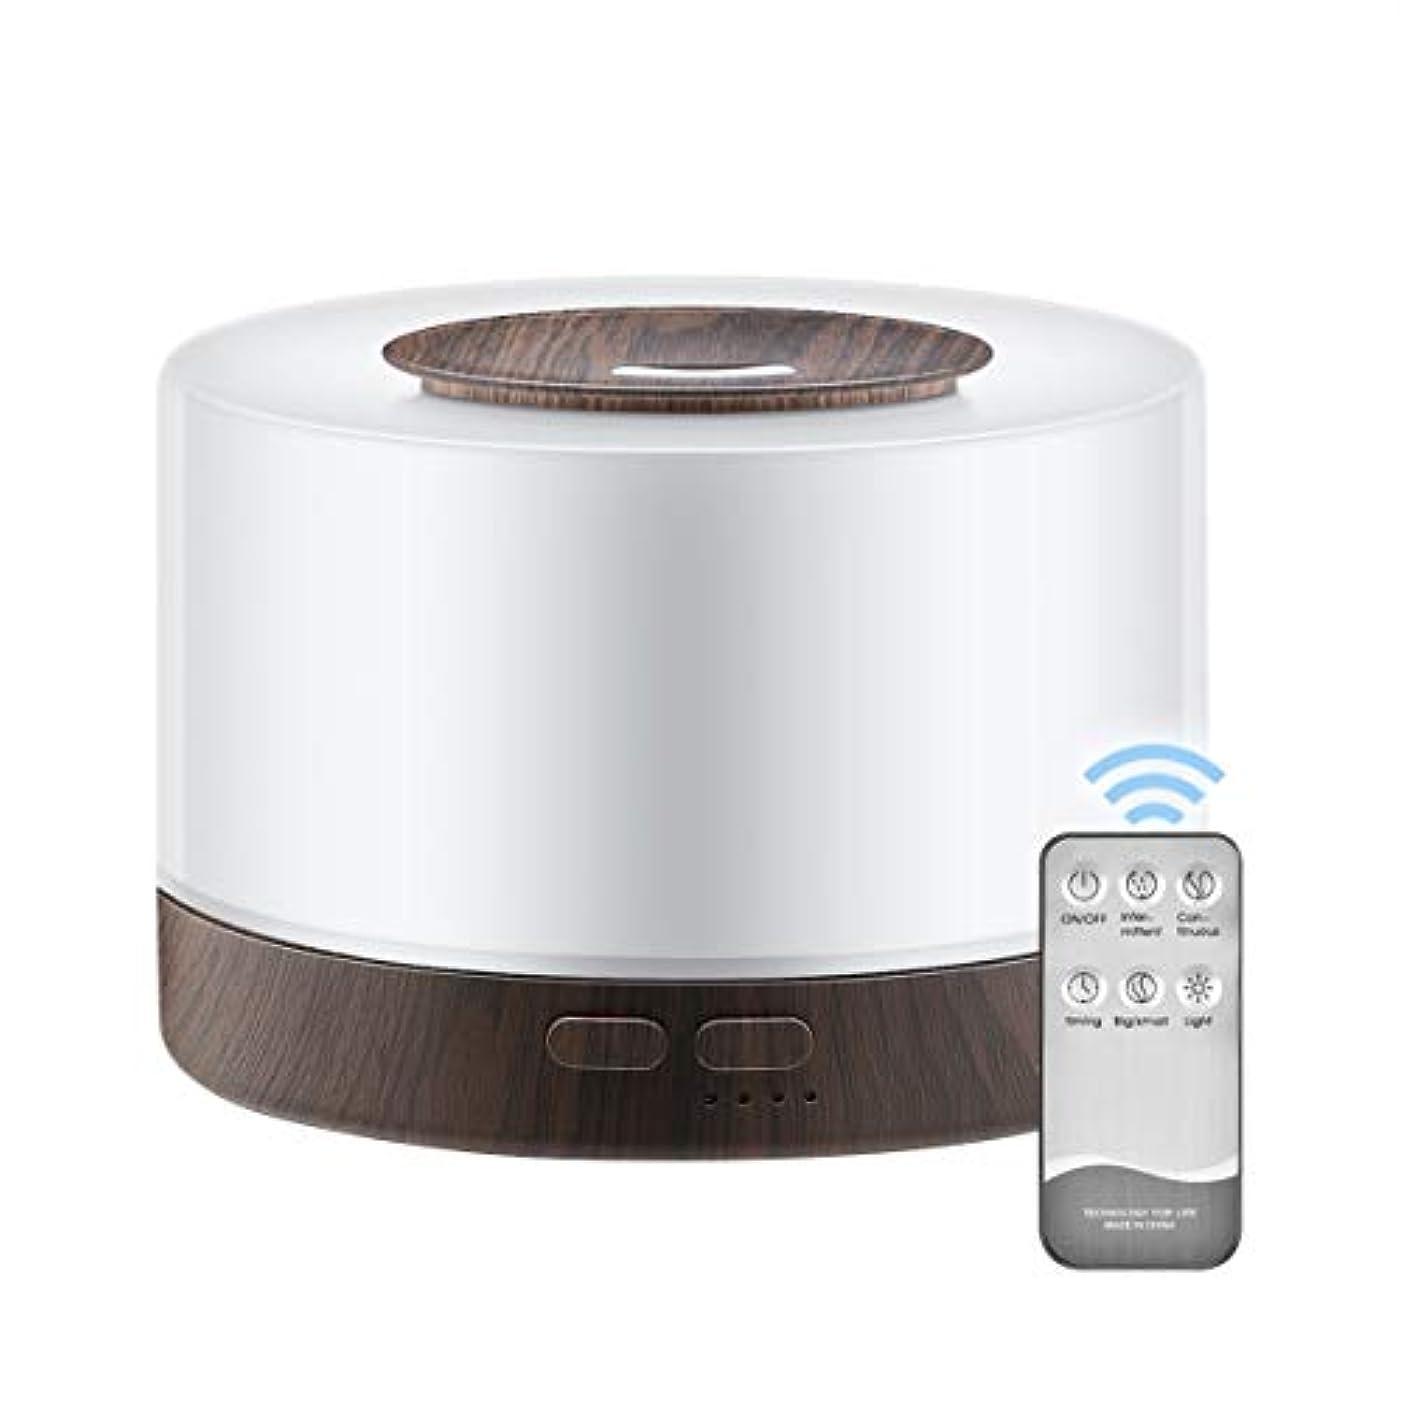 ダイバー湾パーフェルビッドHealifty Essential Oil Diffuser Cool Mist Air Humidifier Aroma Atomizer Aromatherapy for Bedroom Office 700ml (Dark Wood Grain)